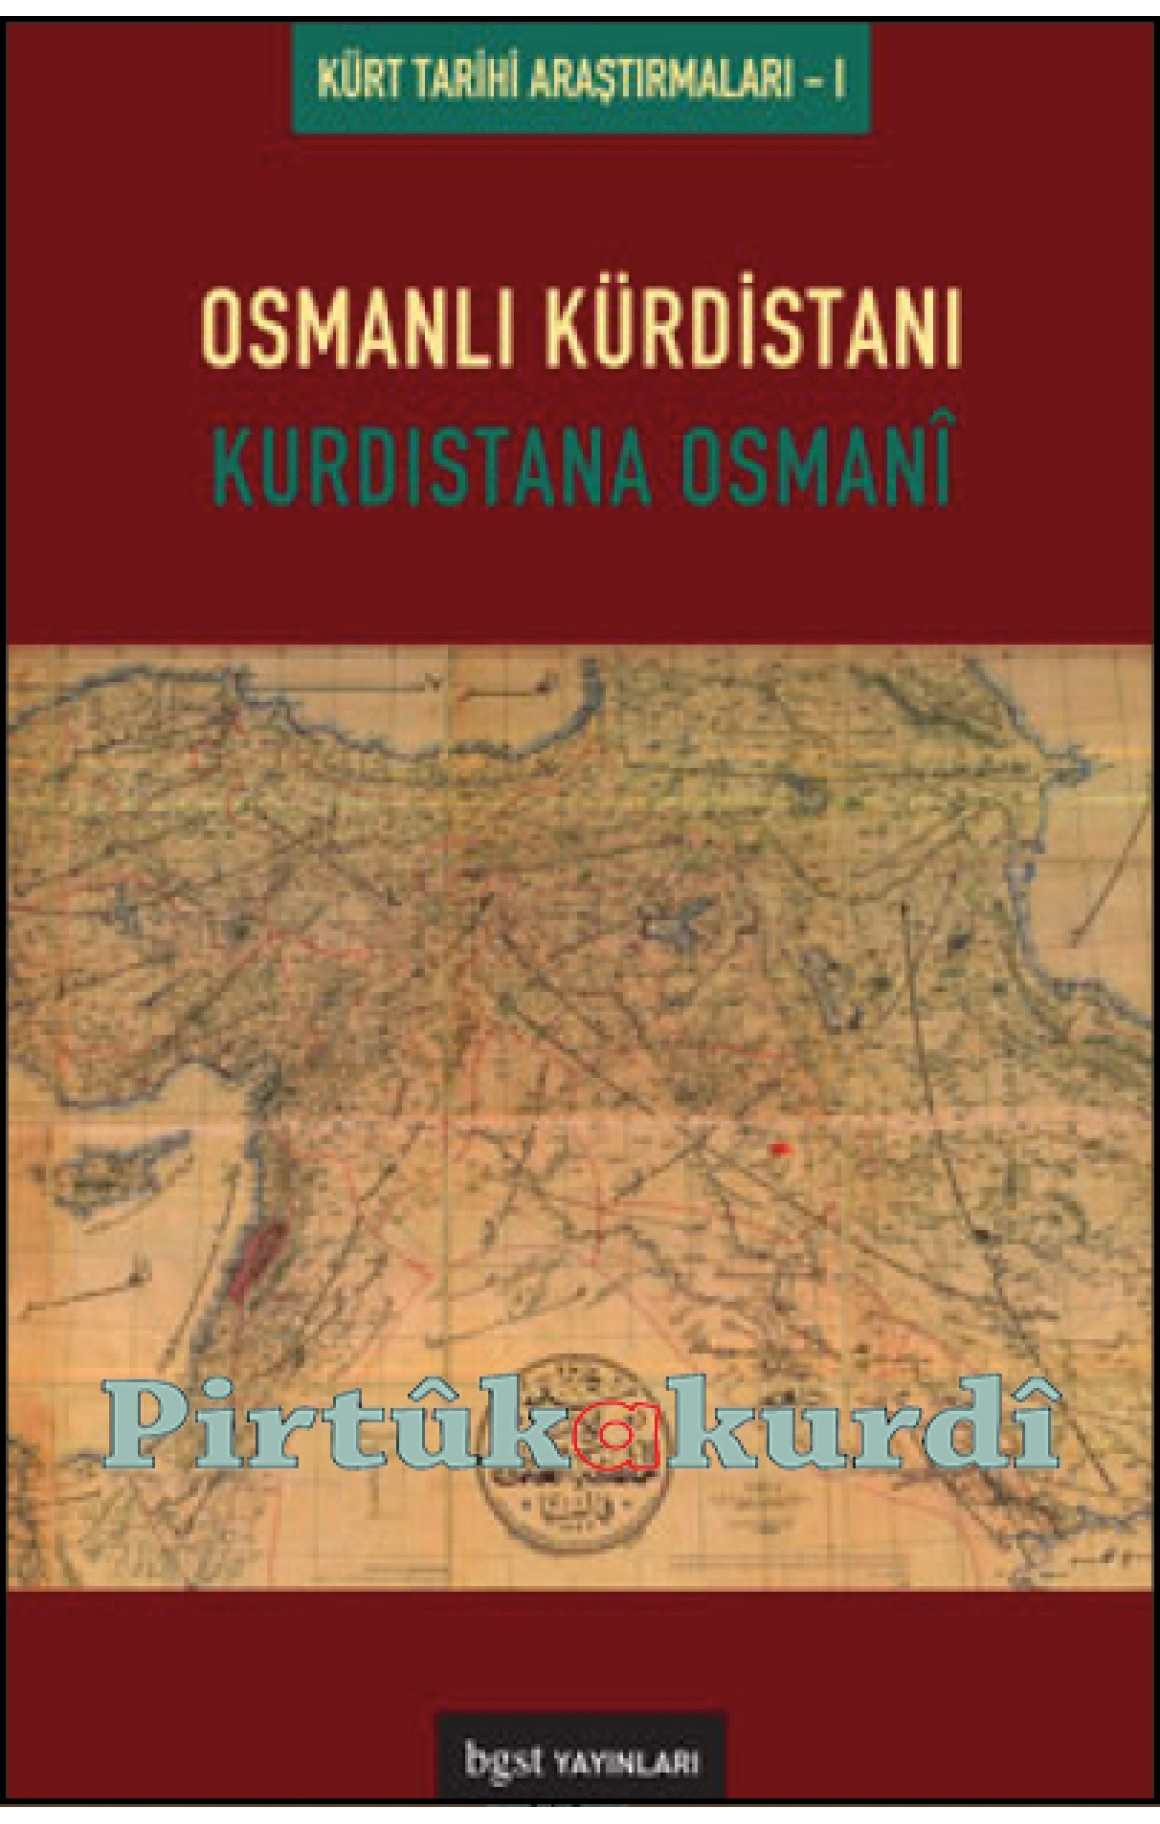 Osmanlı Kürdistanı - Kürdistana Osmani Kürt Tarihi Araştırmaları 1